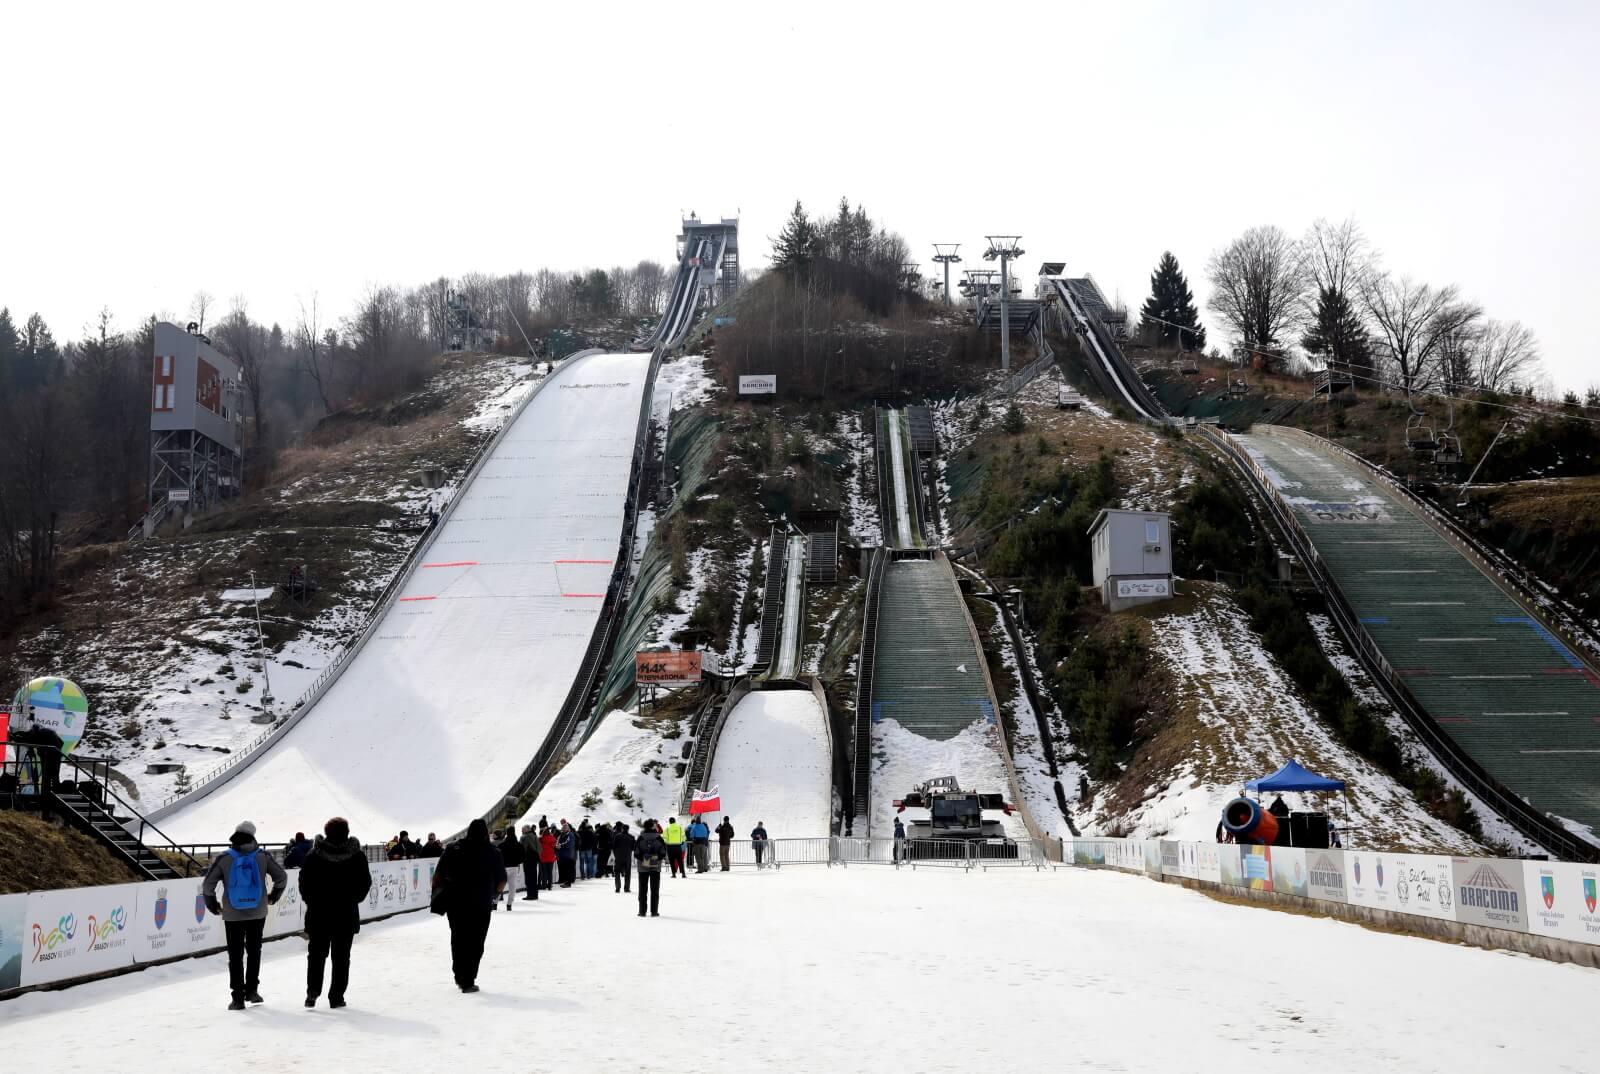 Skocznie narciarskie w Rasnov fot. PAP/Grzegorz Momot